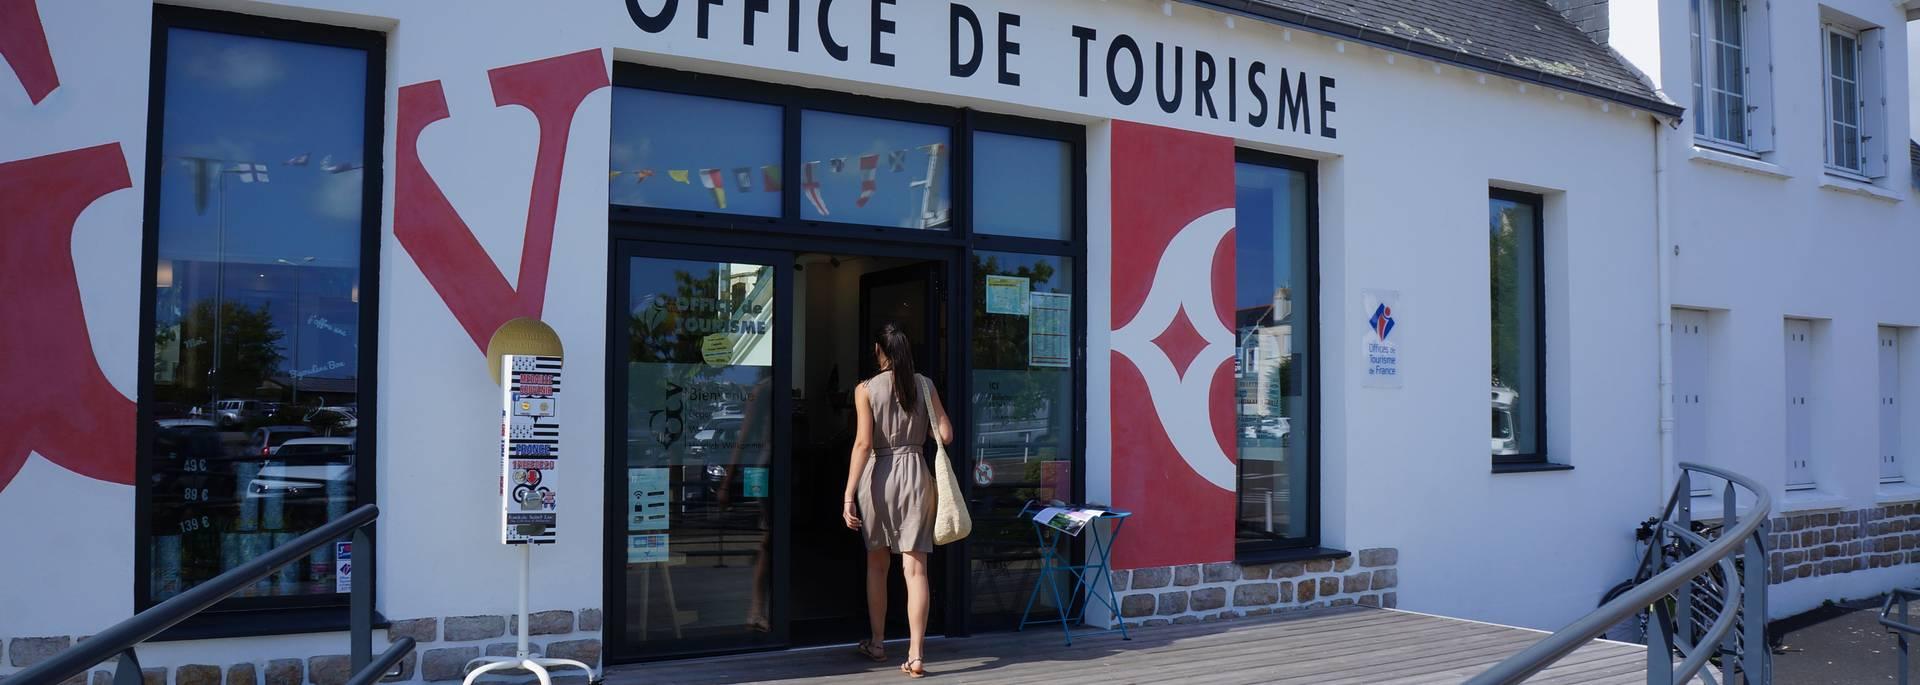 billetteries dans les Offices de Tourisme ©Eva Cléret